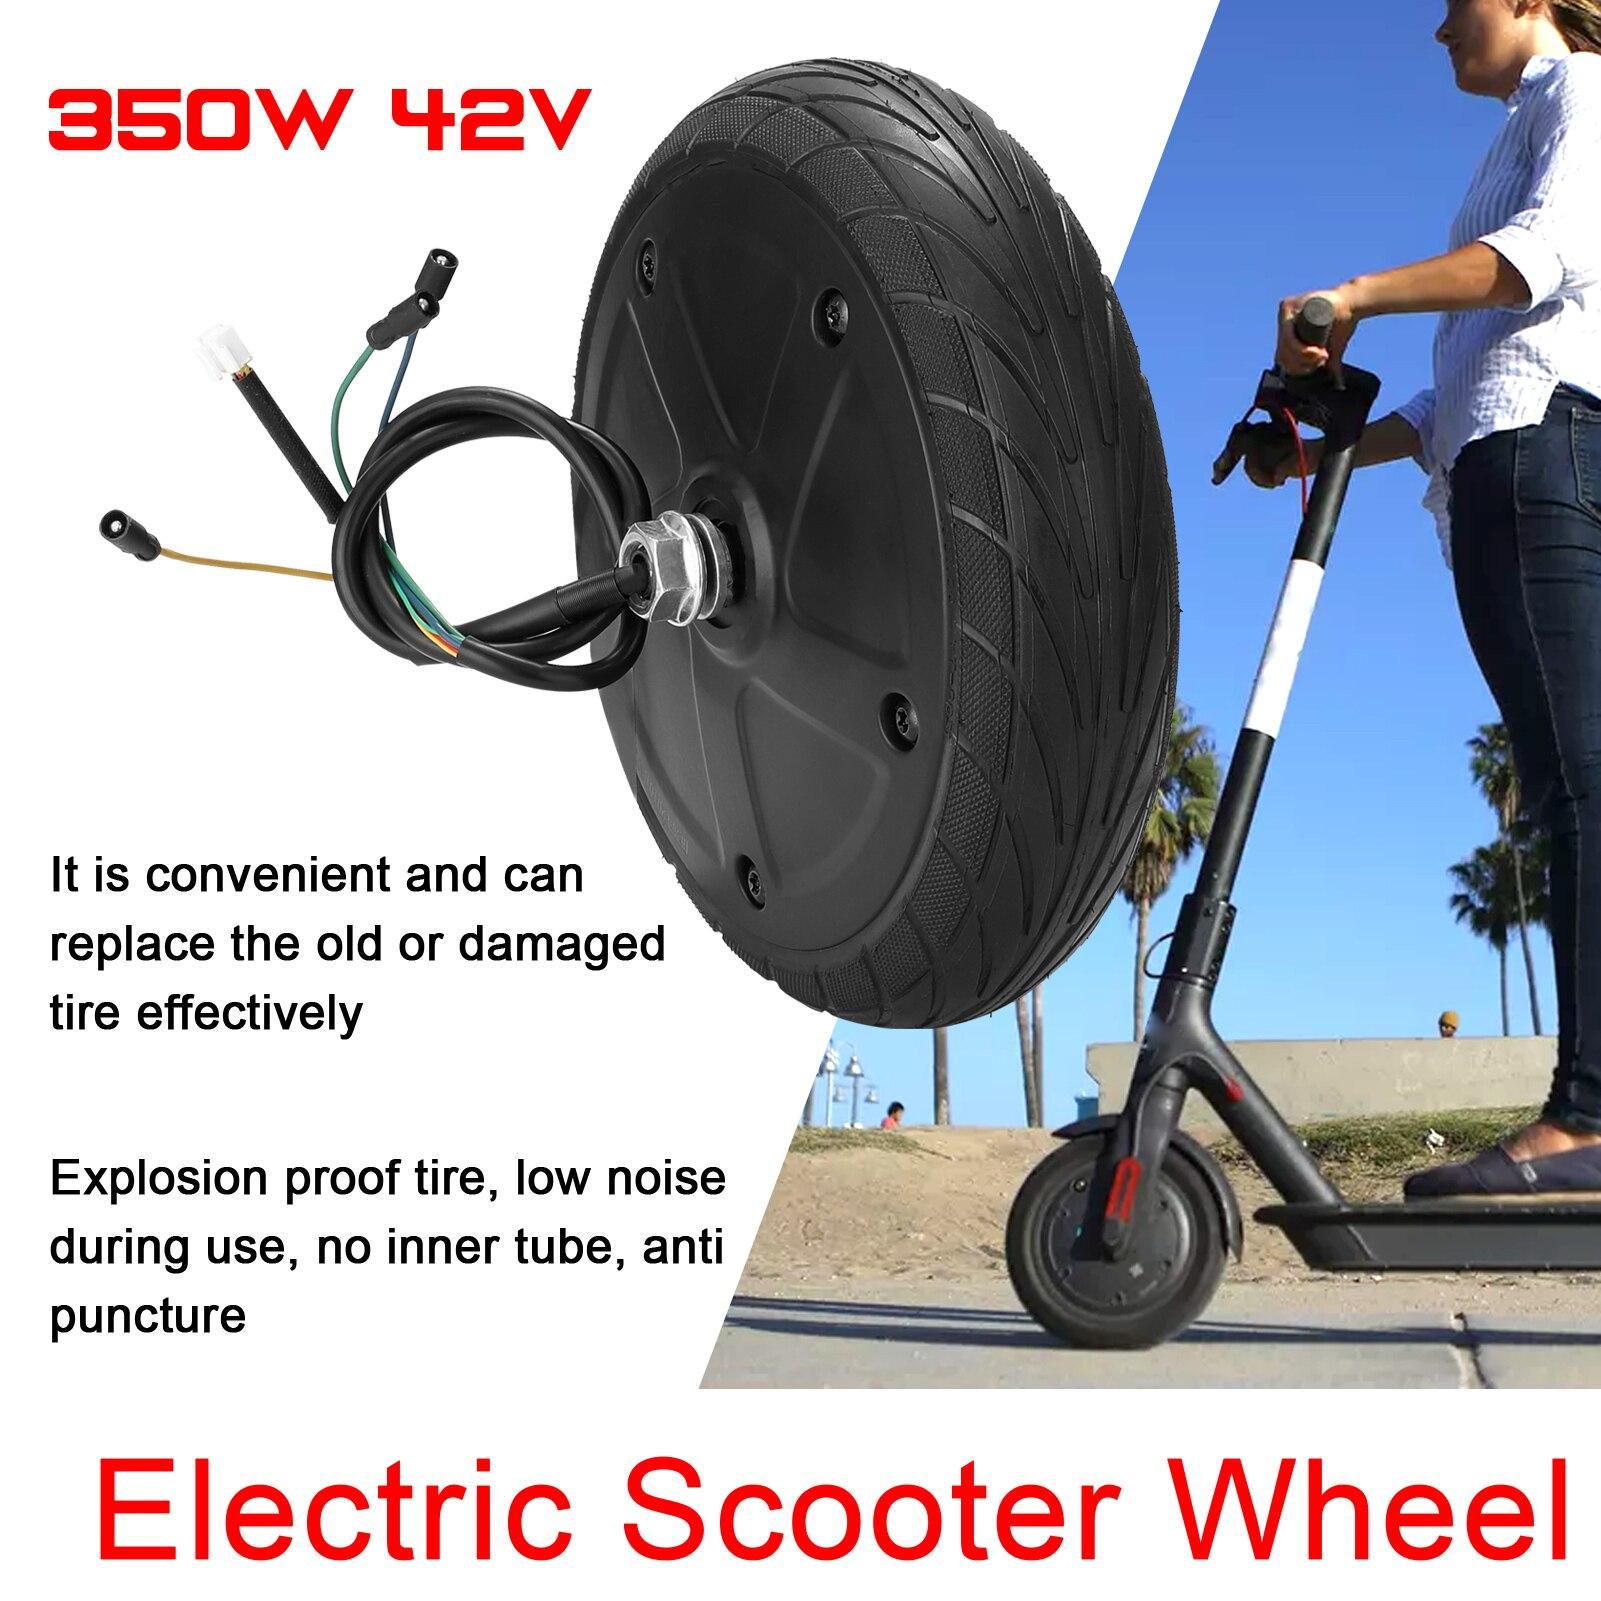 350W 42V conducción rueda para ES1 ES2 ES3 ES4 eléctrico accesorios para...